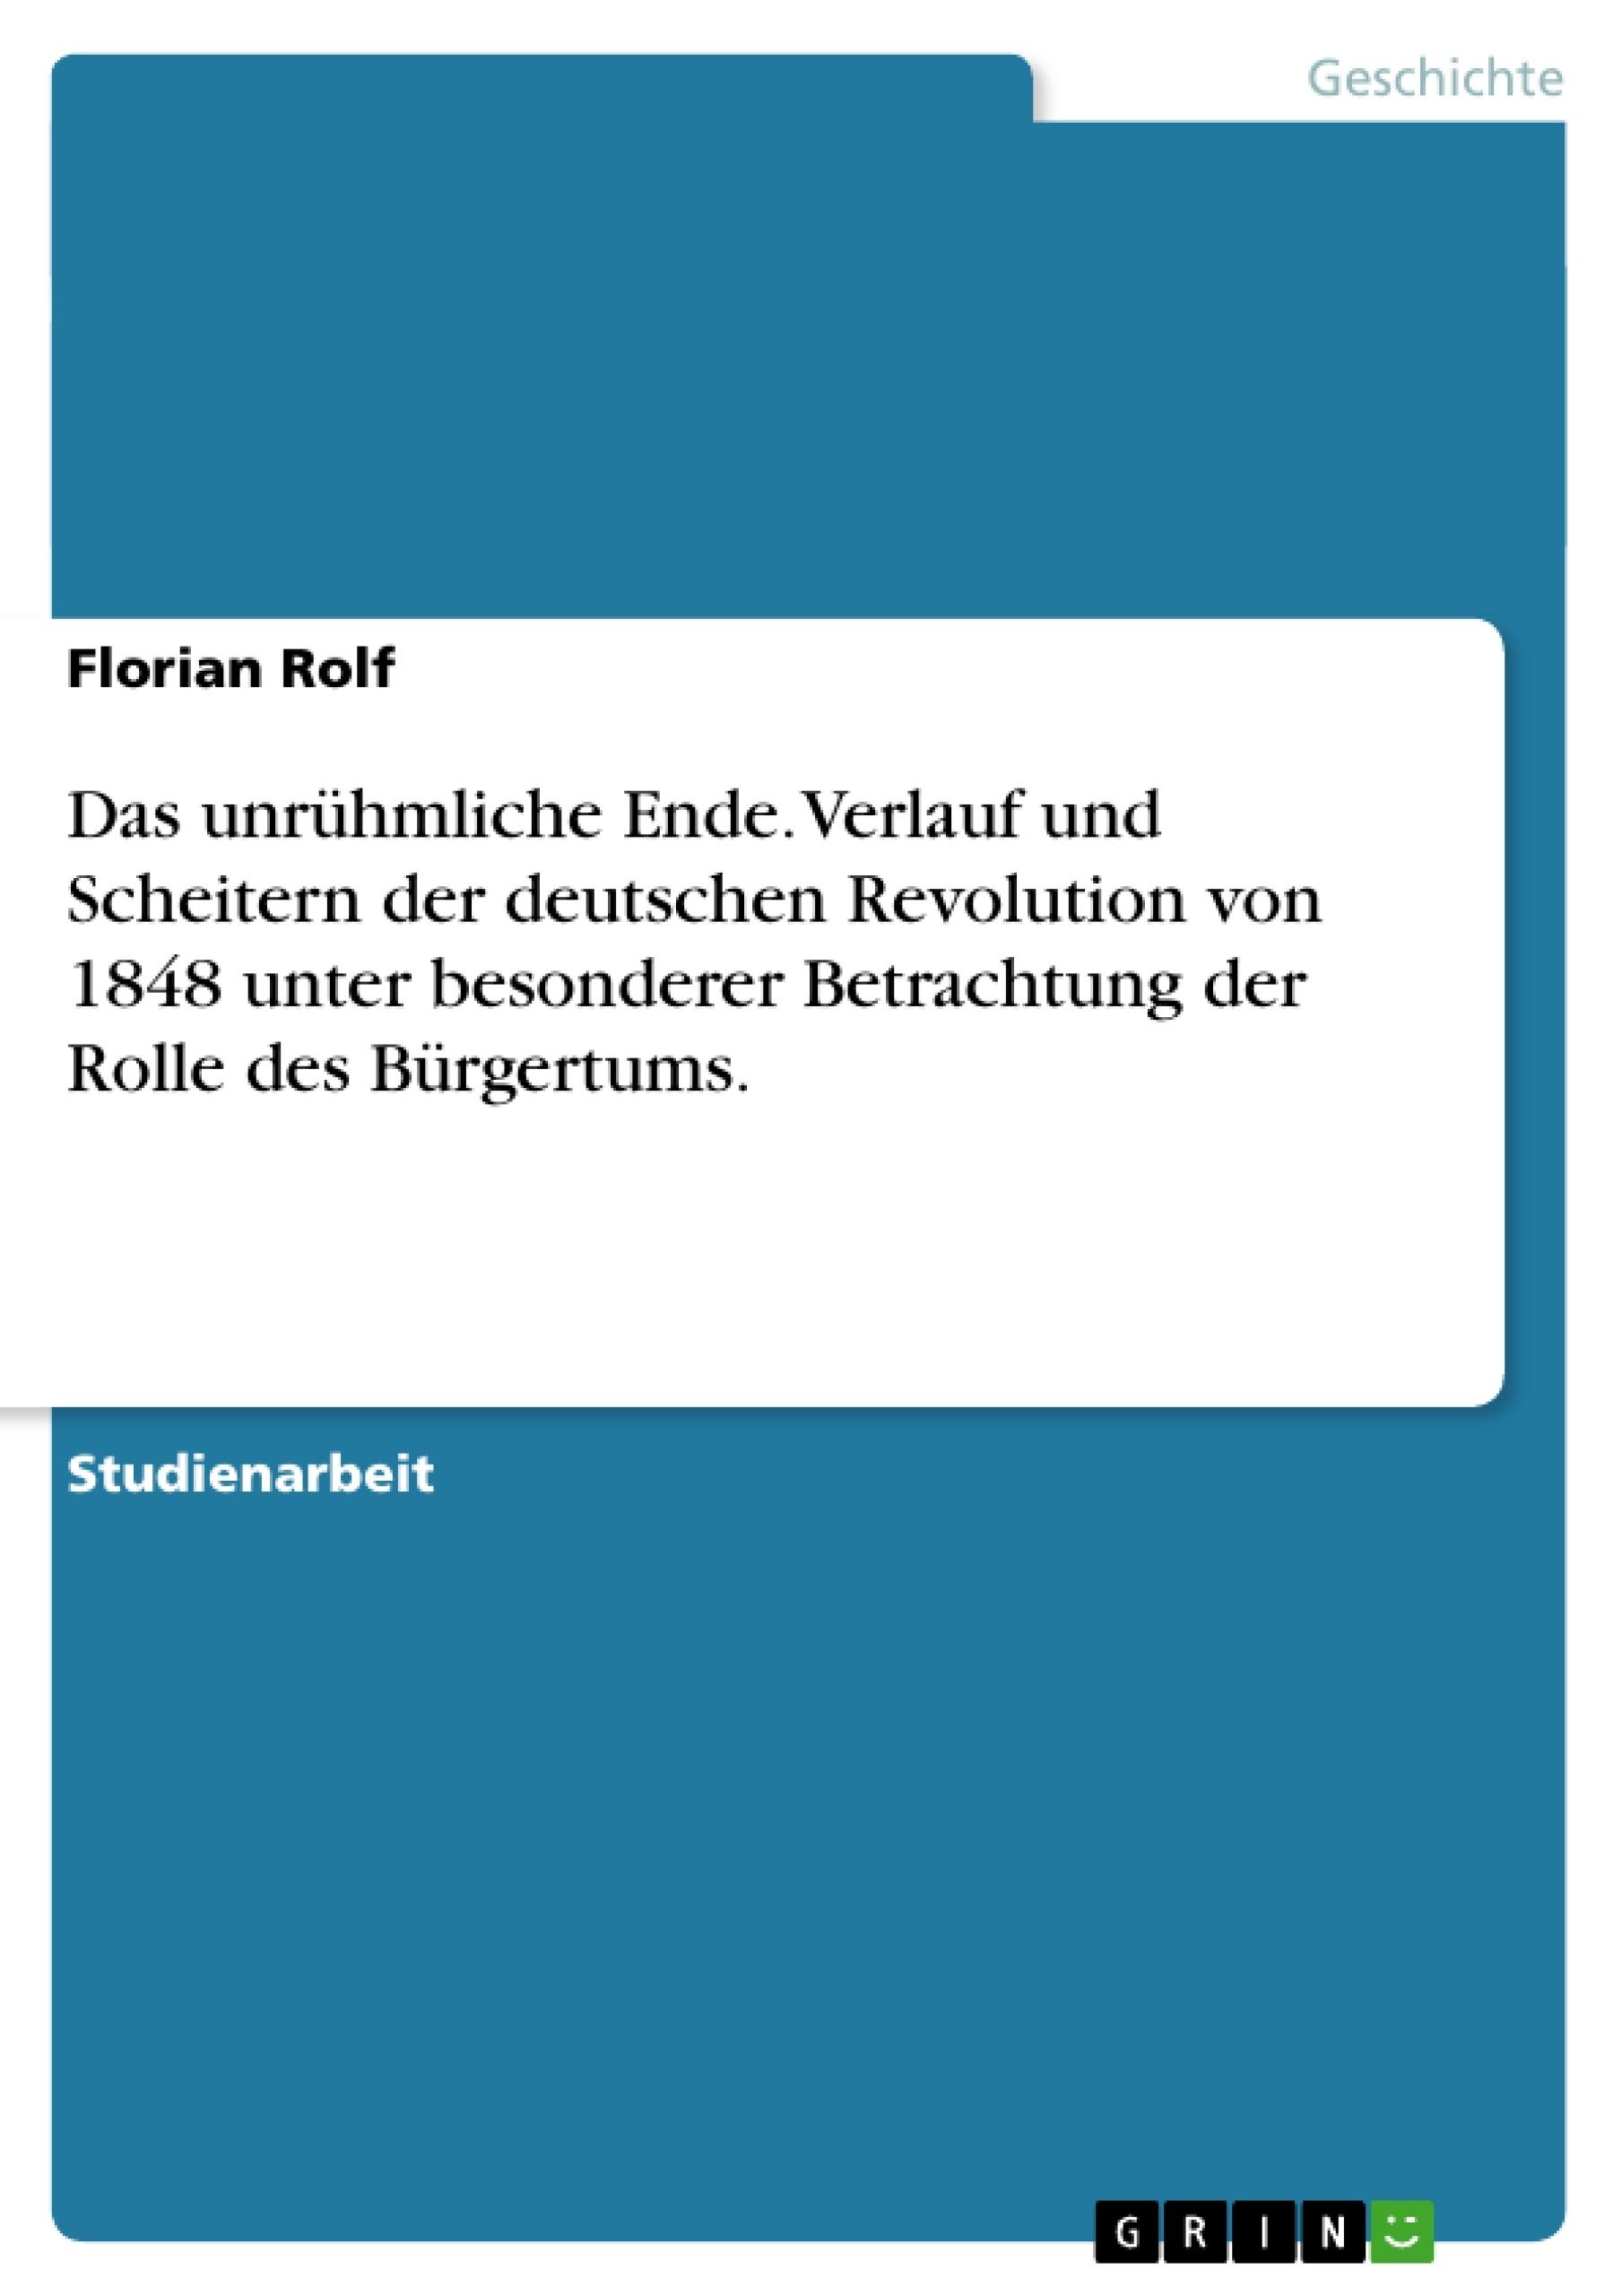 Titel: Das unrühmliche Ende. Verlauf und Scheitern der deutschen Revolution von 1848 unter besonderer Betrachtung der Rolle des Bürgertums.